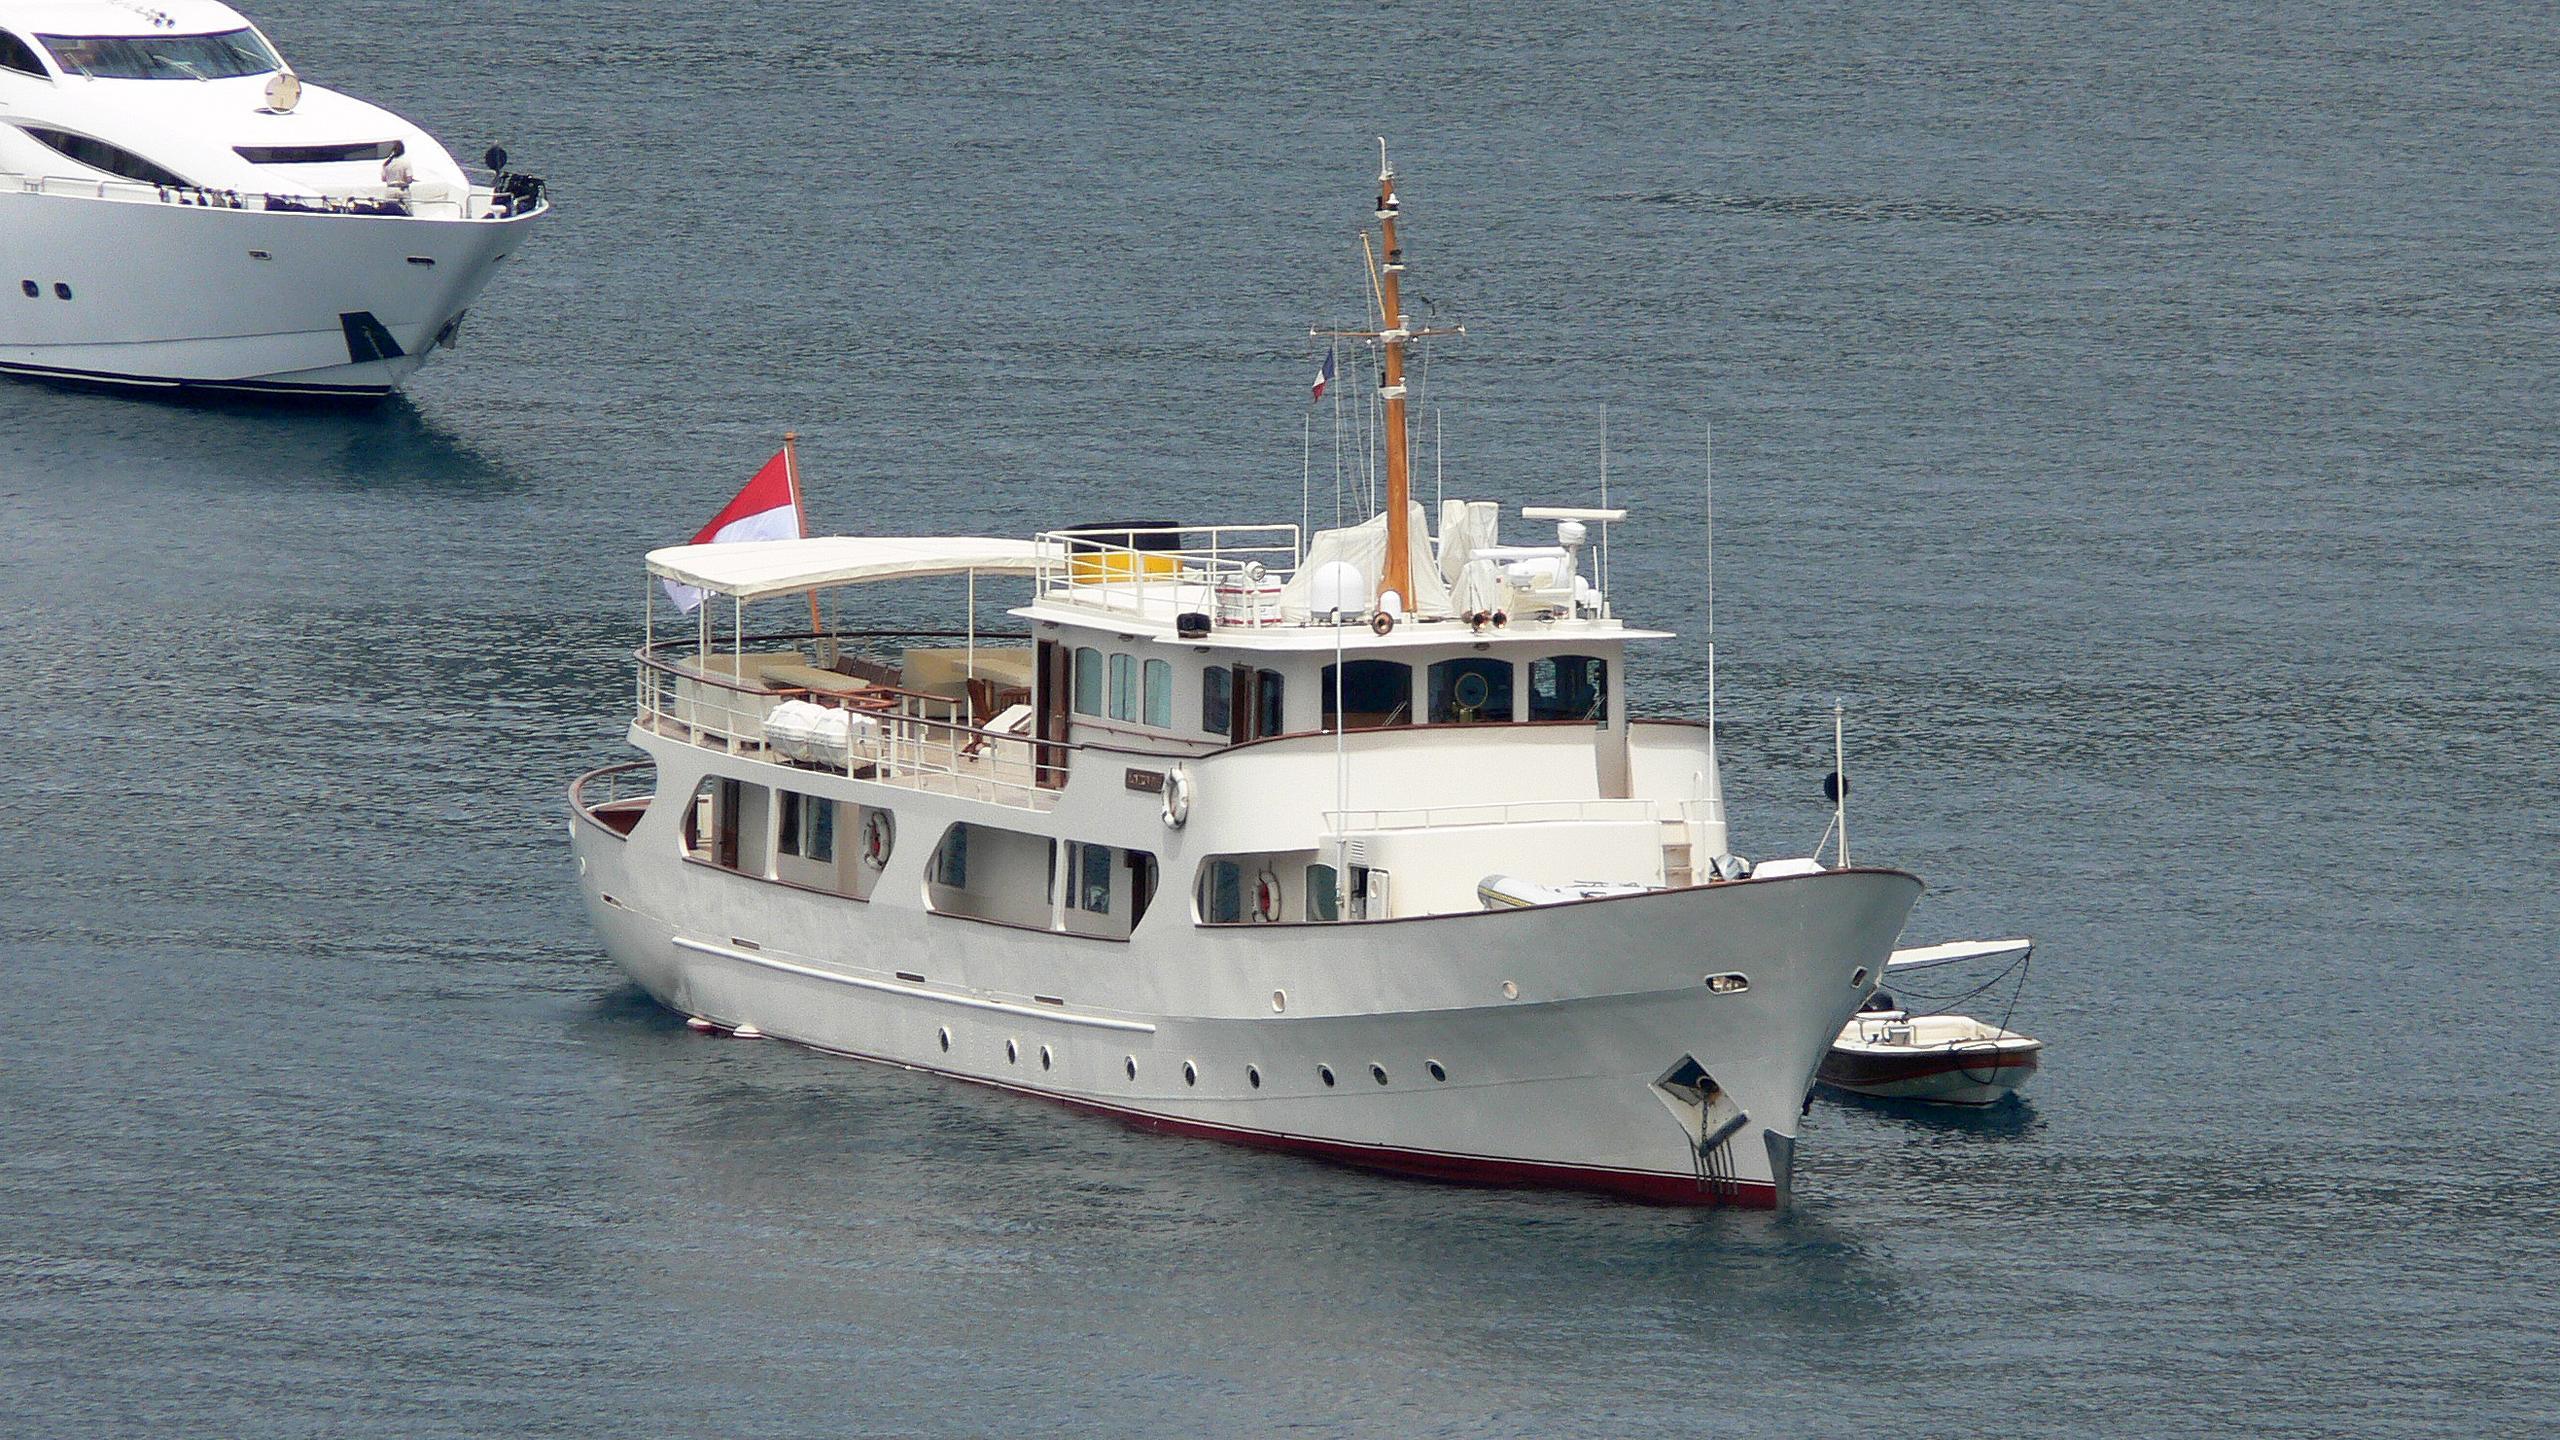 montrevel-motor-yacht-ateliers-et-forges-de-l-ouest-1958-37m-bow